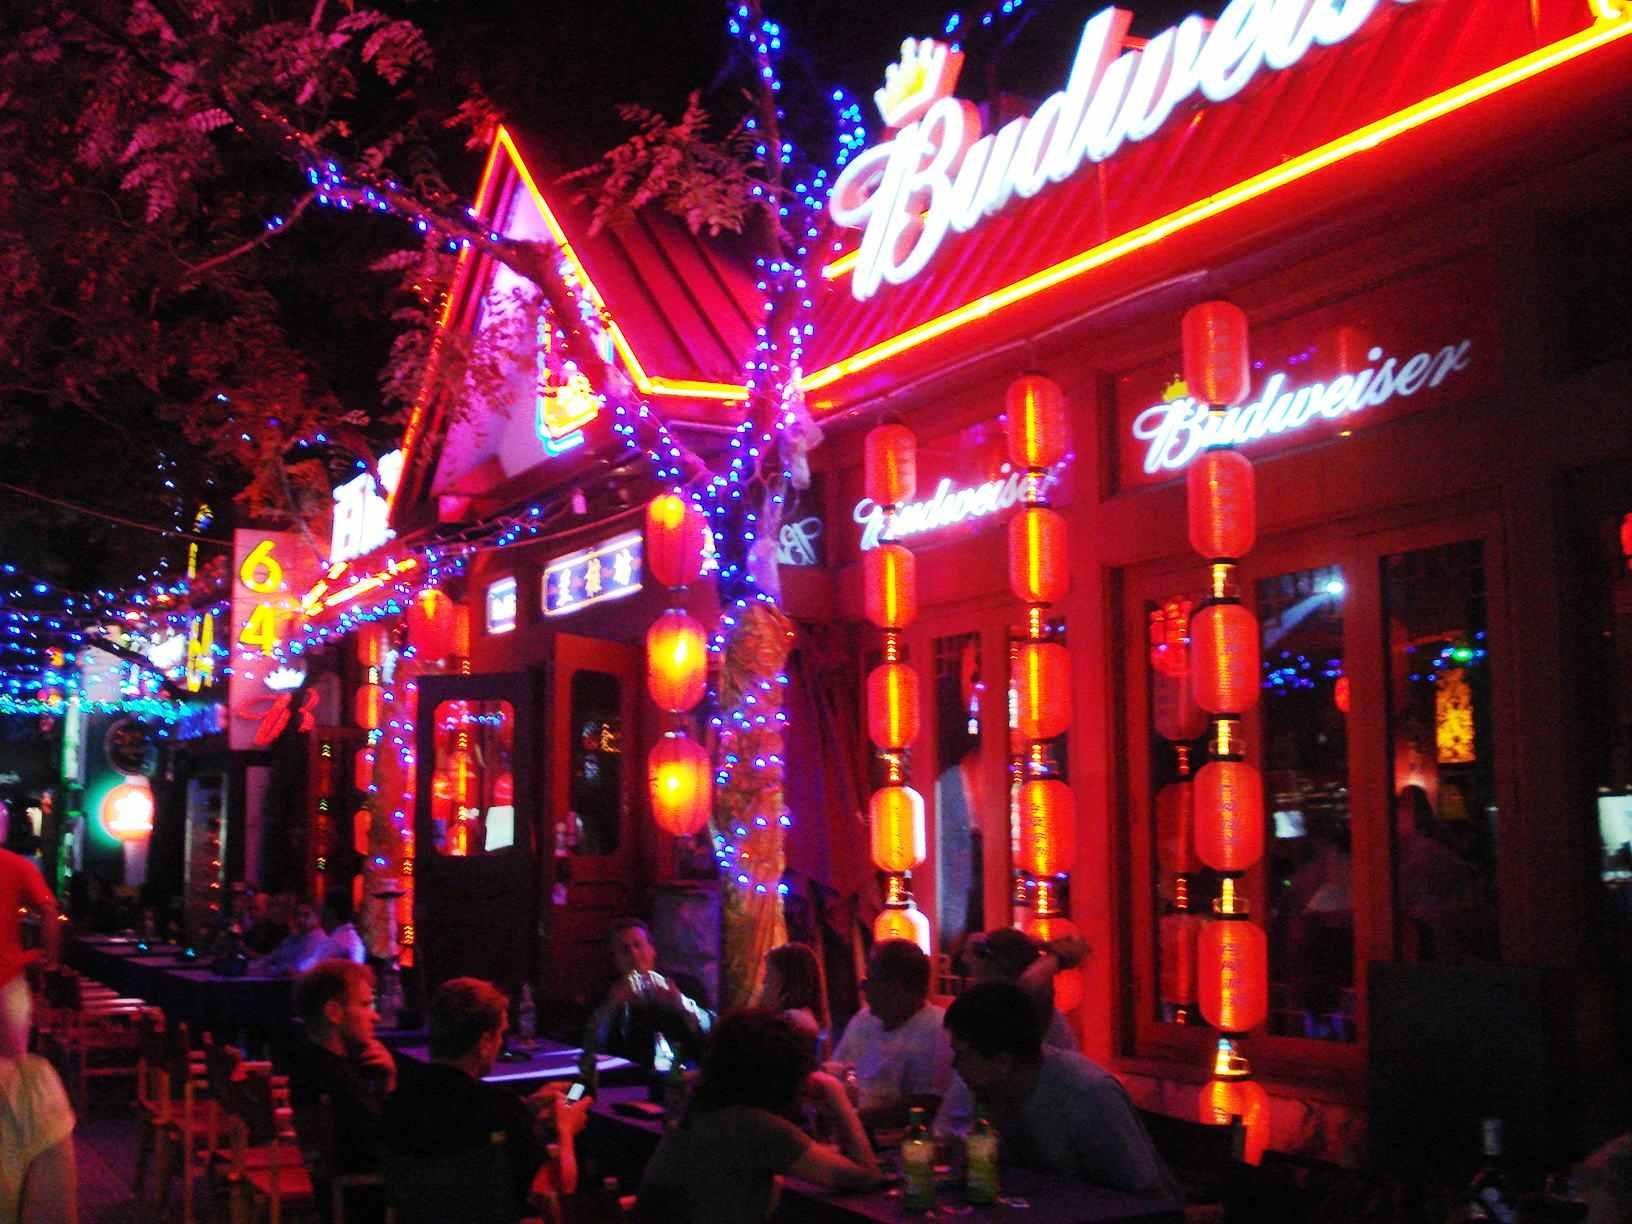 À�携程攻略】三里屯酒吧街门票 Ō�京三里屯酒吧街攻略 Ŝ�址 ś�片 ɗ�票价格